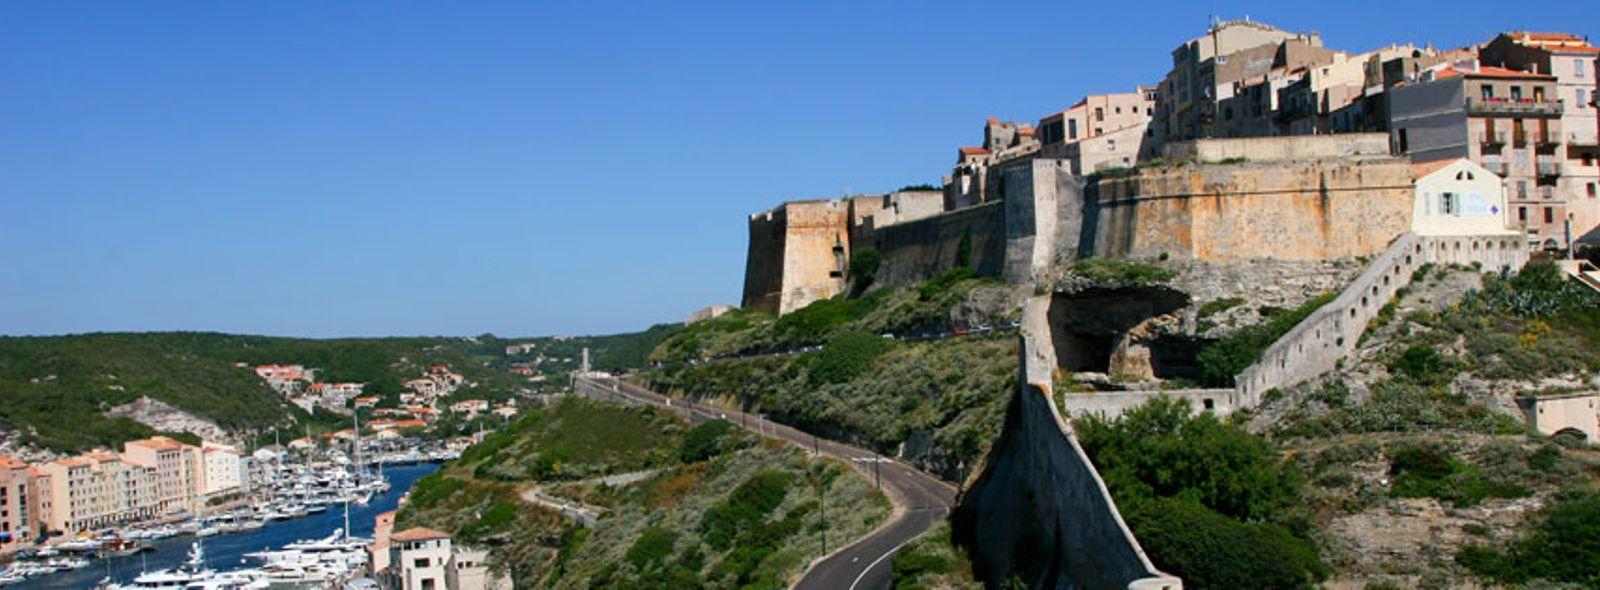 Viaggio in moto in Corsica